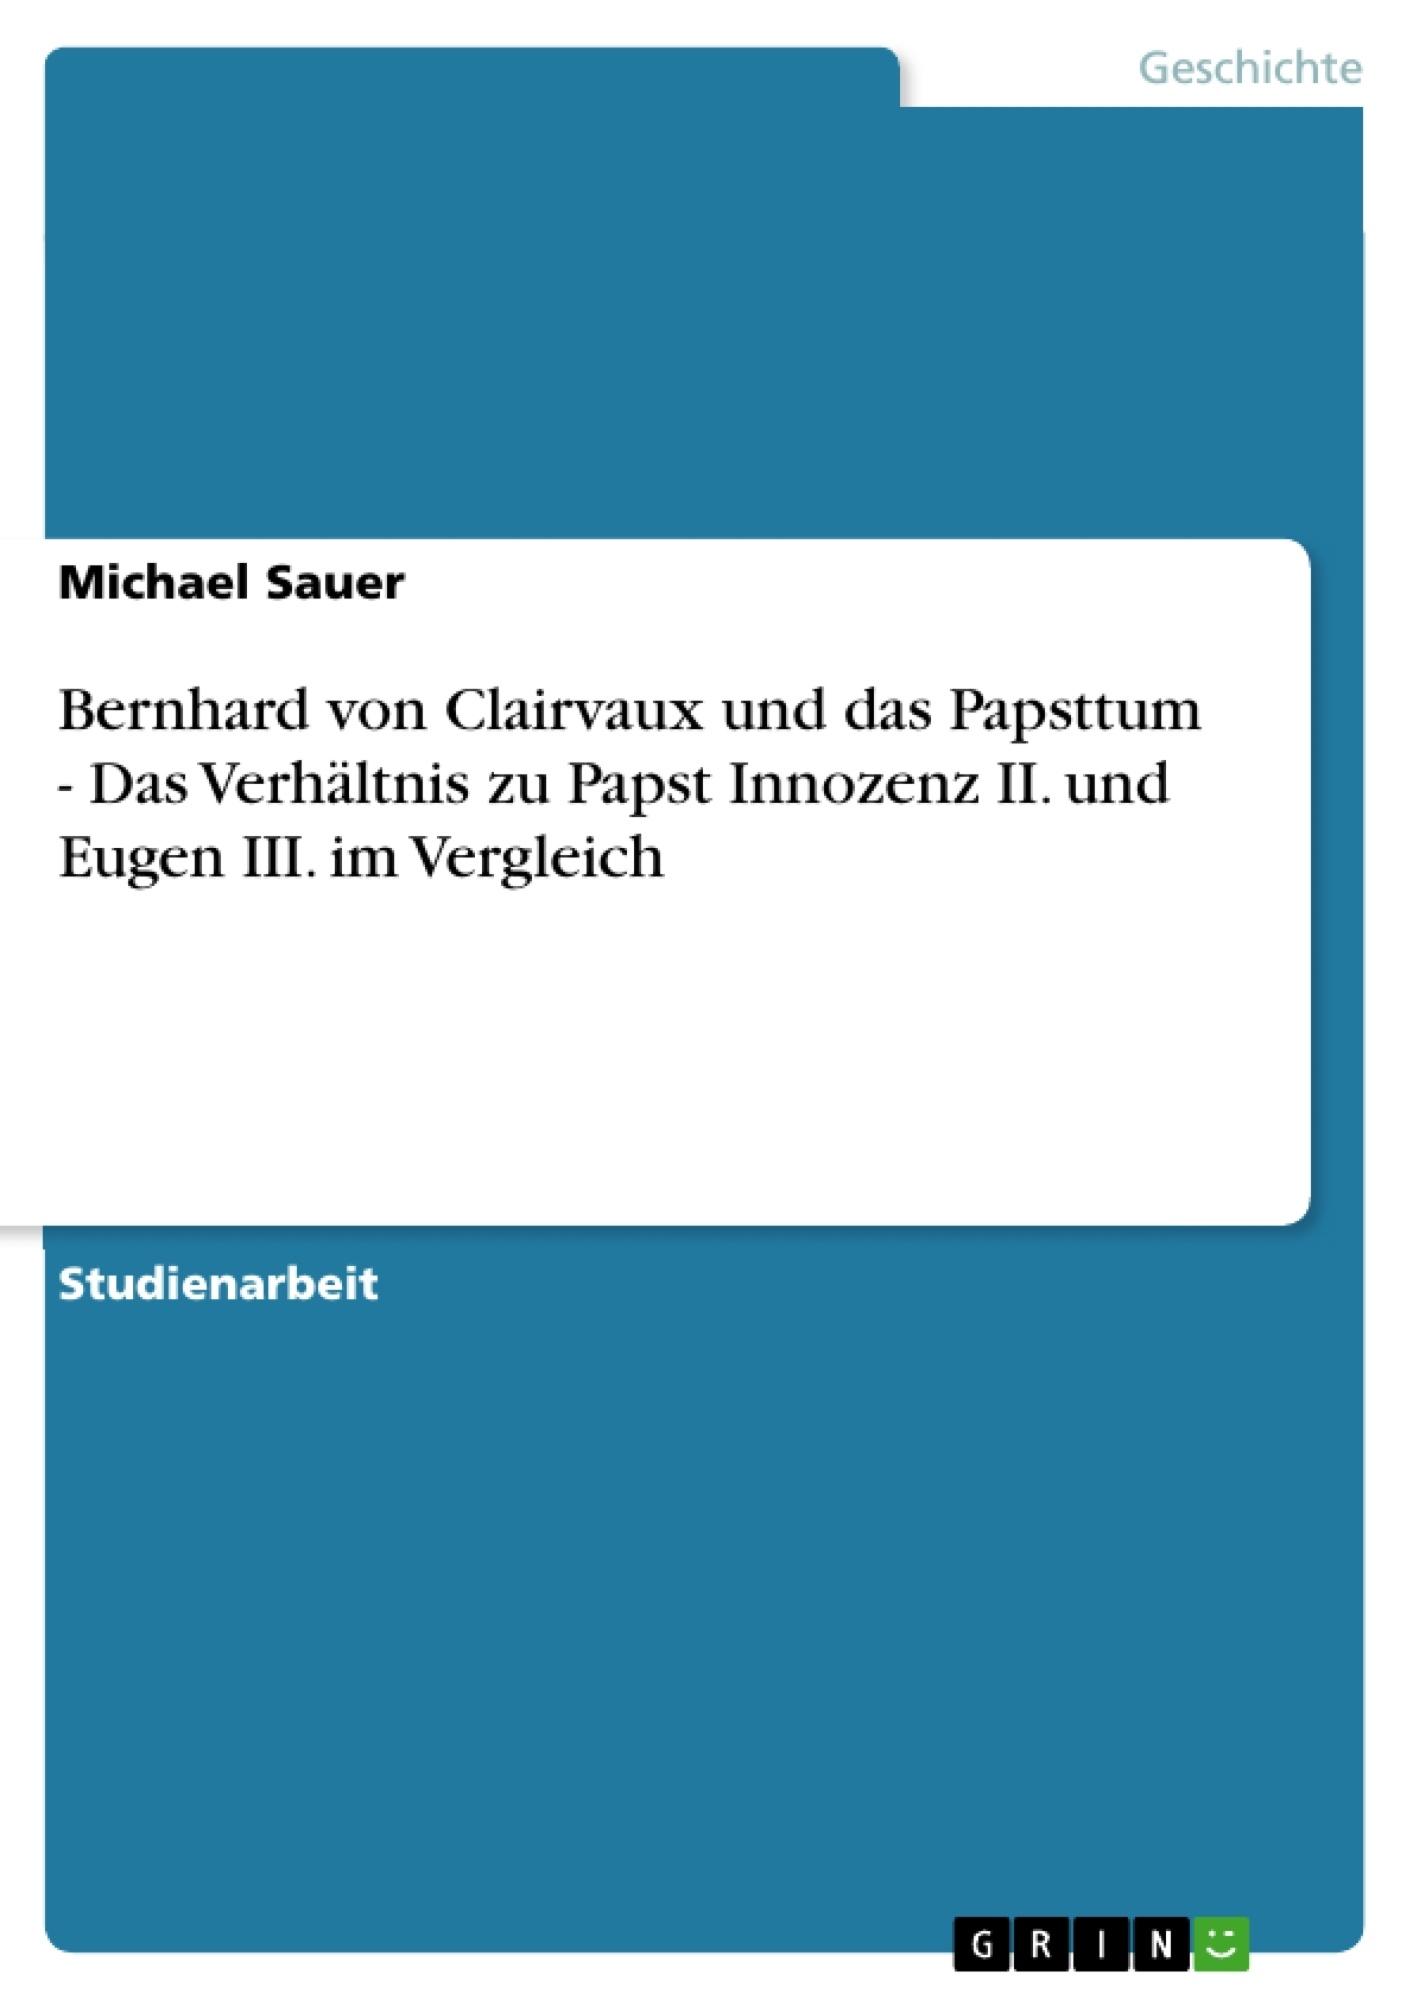 Titel: Bernhard von Clairvaux und das Papsttum - Das Verhältnis zu Papst Innozenz  II. und Eugen III. im Vergleich